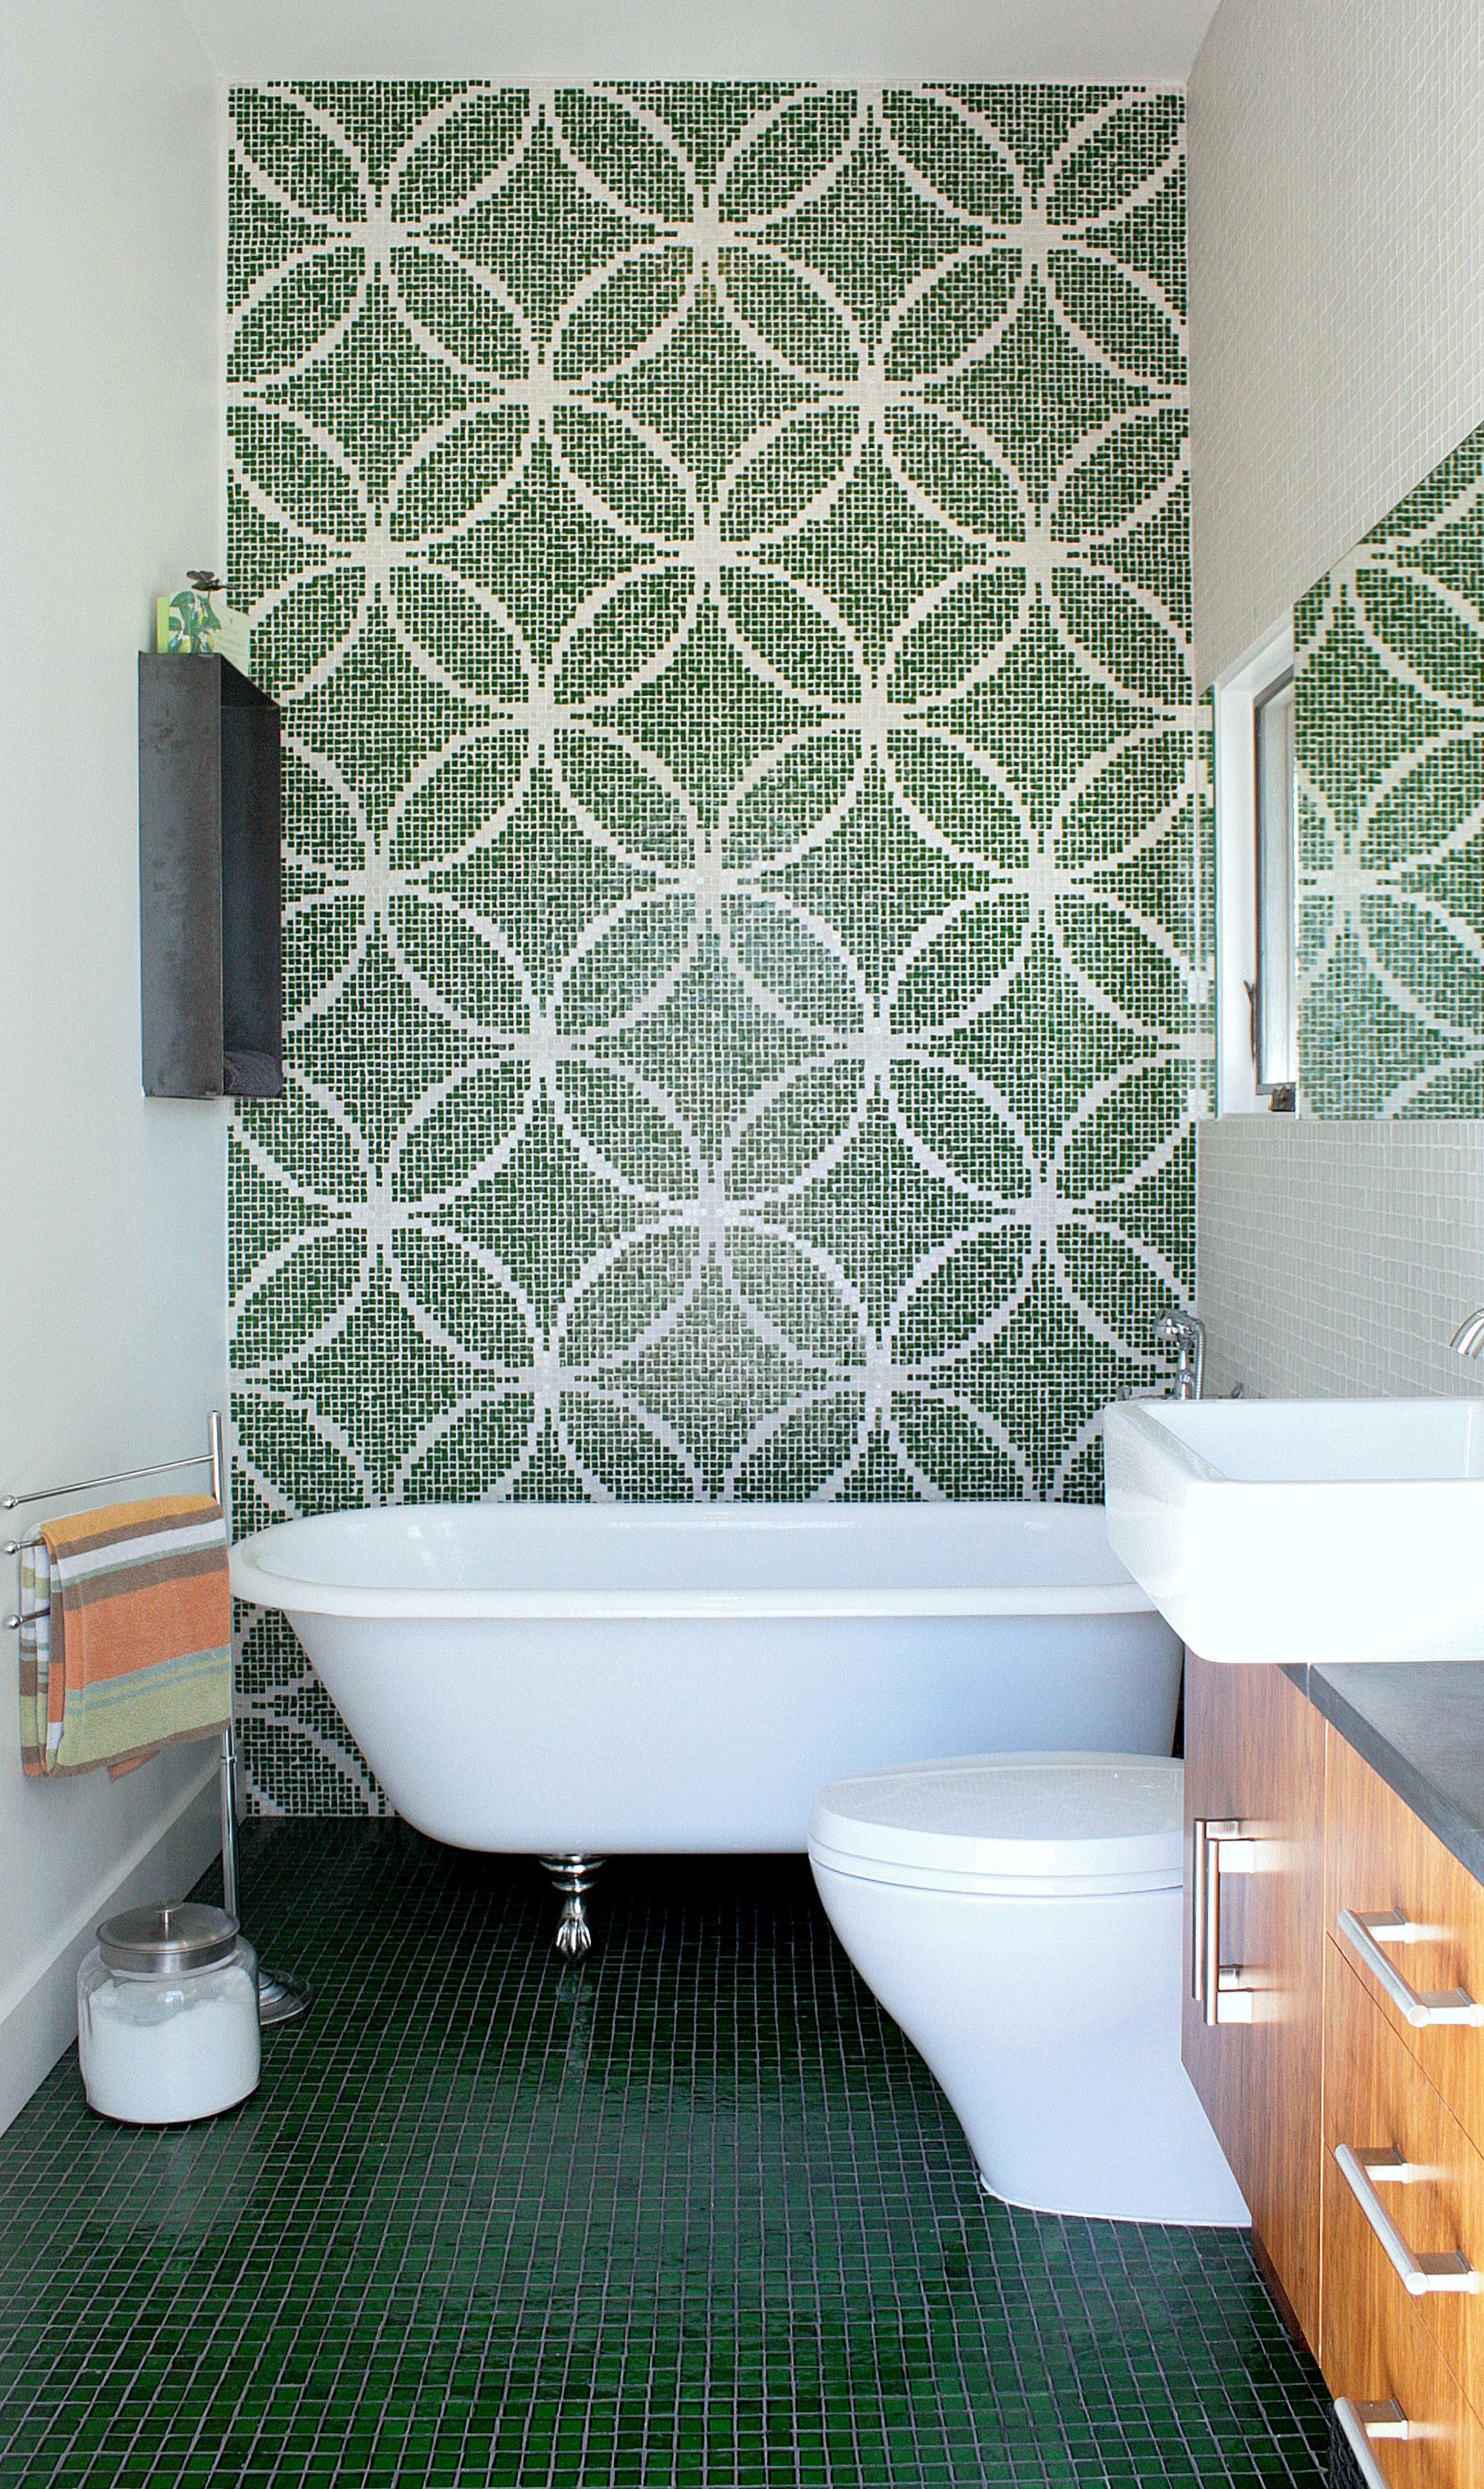 waterproof wallpaper for bathrooms 2015   Grasscloth Wallpaper 1936x3247